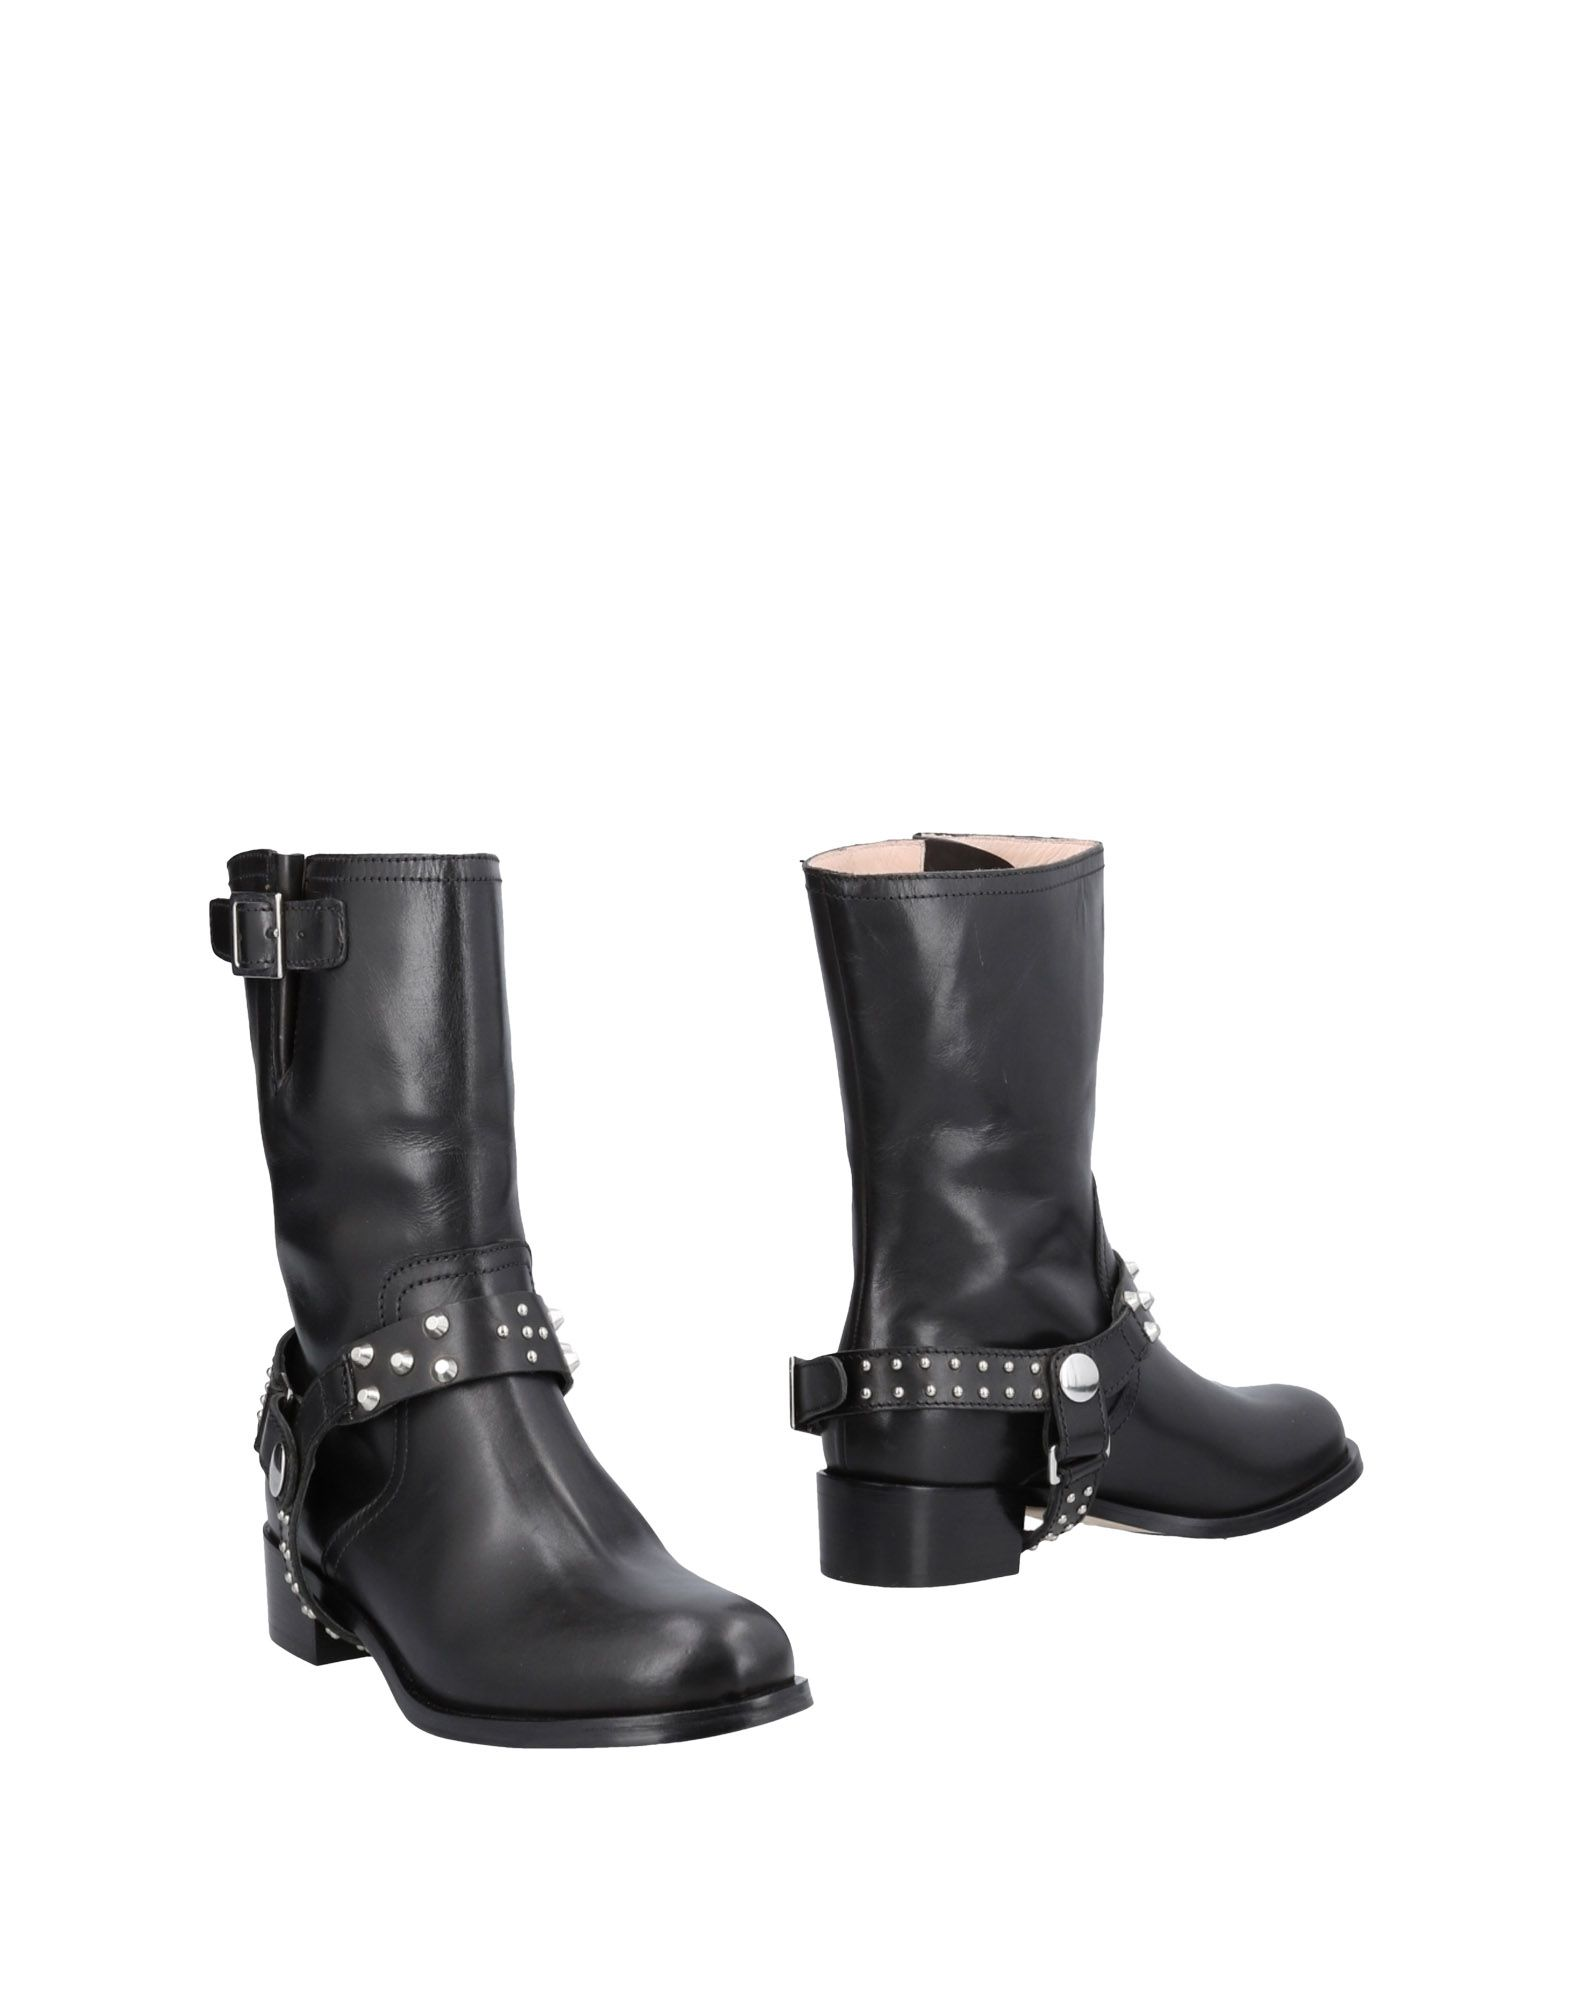 Haltbare Mode billige Schuhe Cavallini Stiefelette Damen  11483578EI Heiße Schuhe